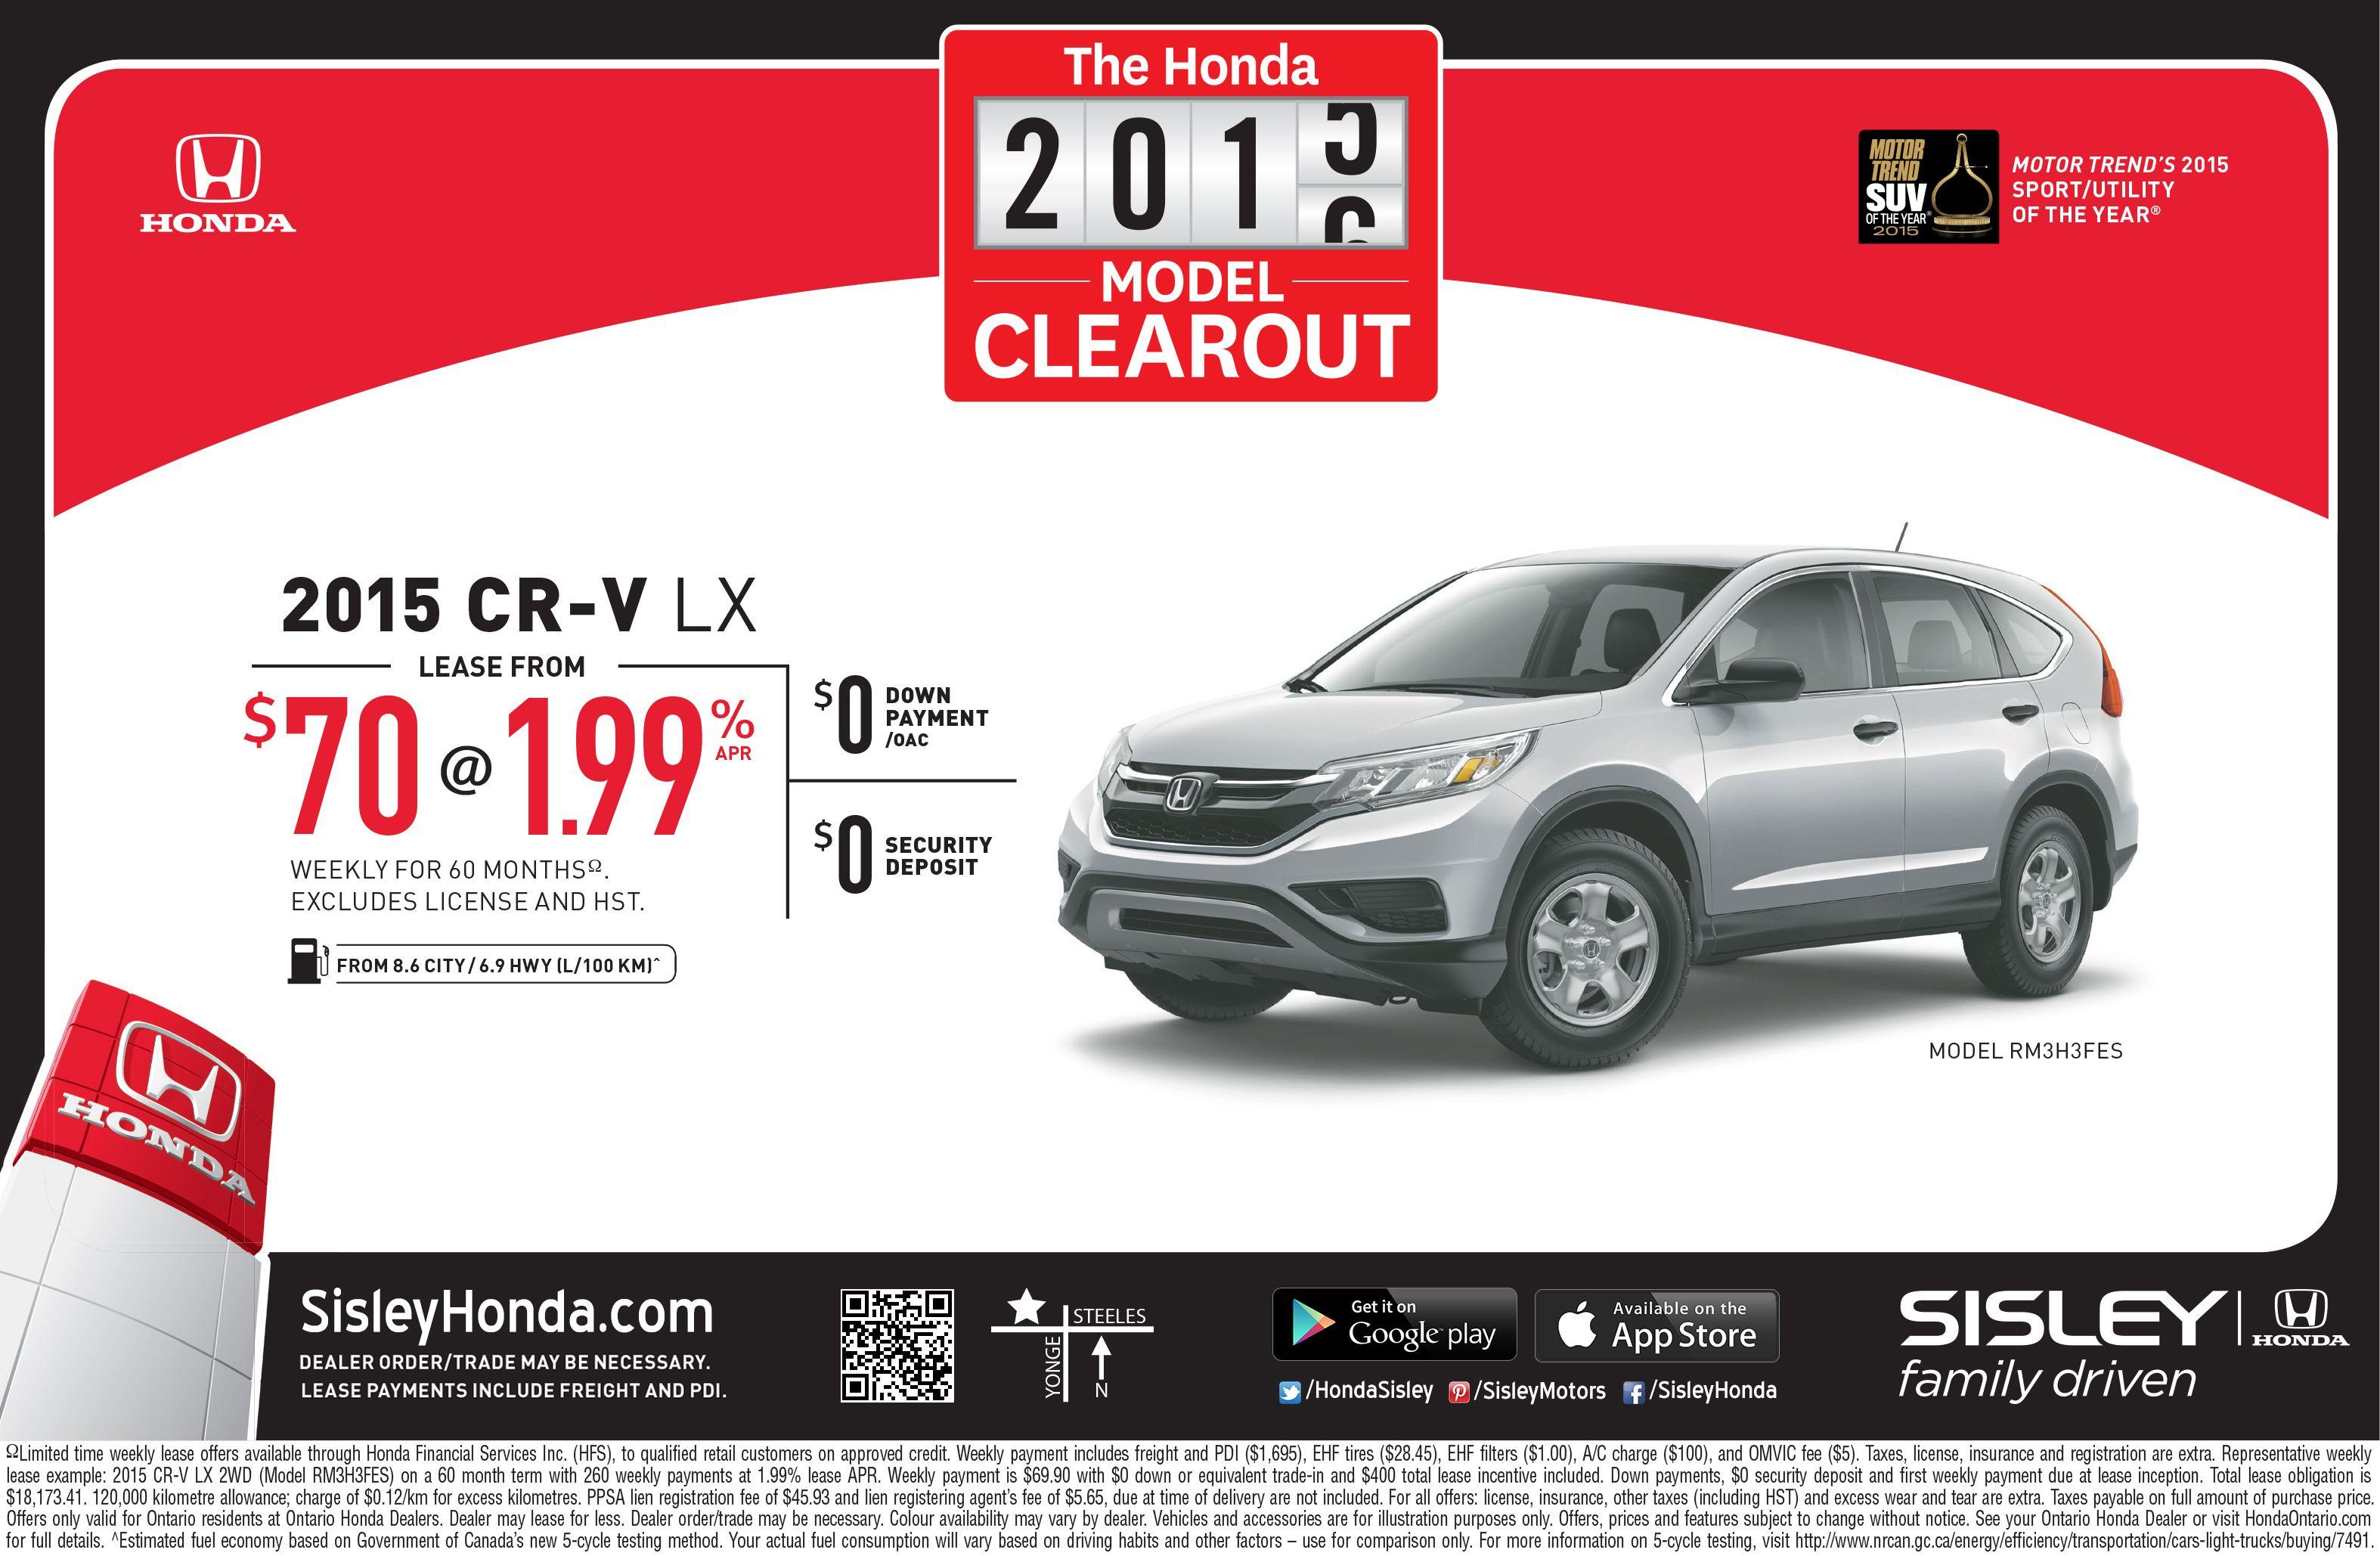 The Honda 2015 CR-V LX Clearout at Sisley Honda